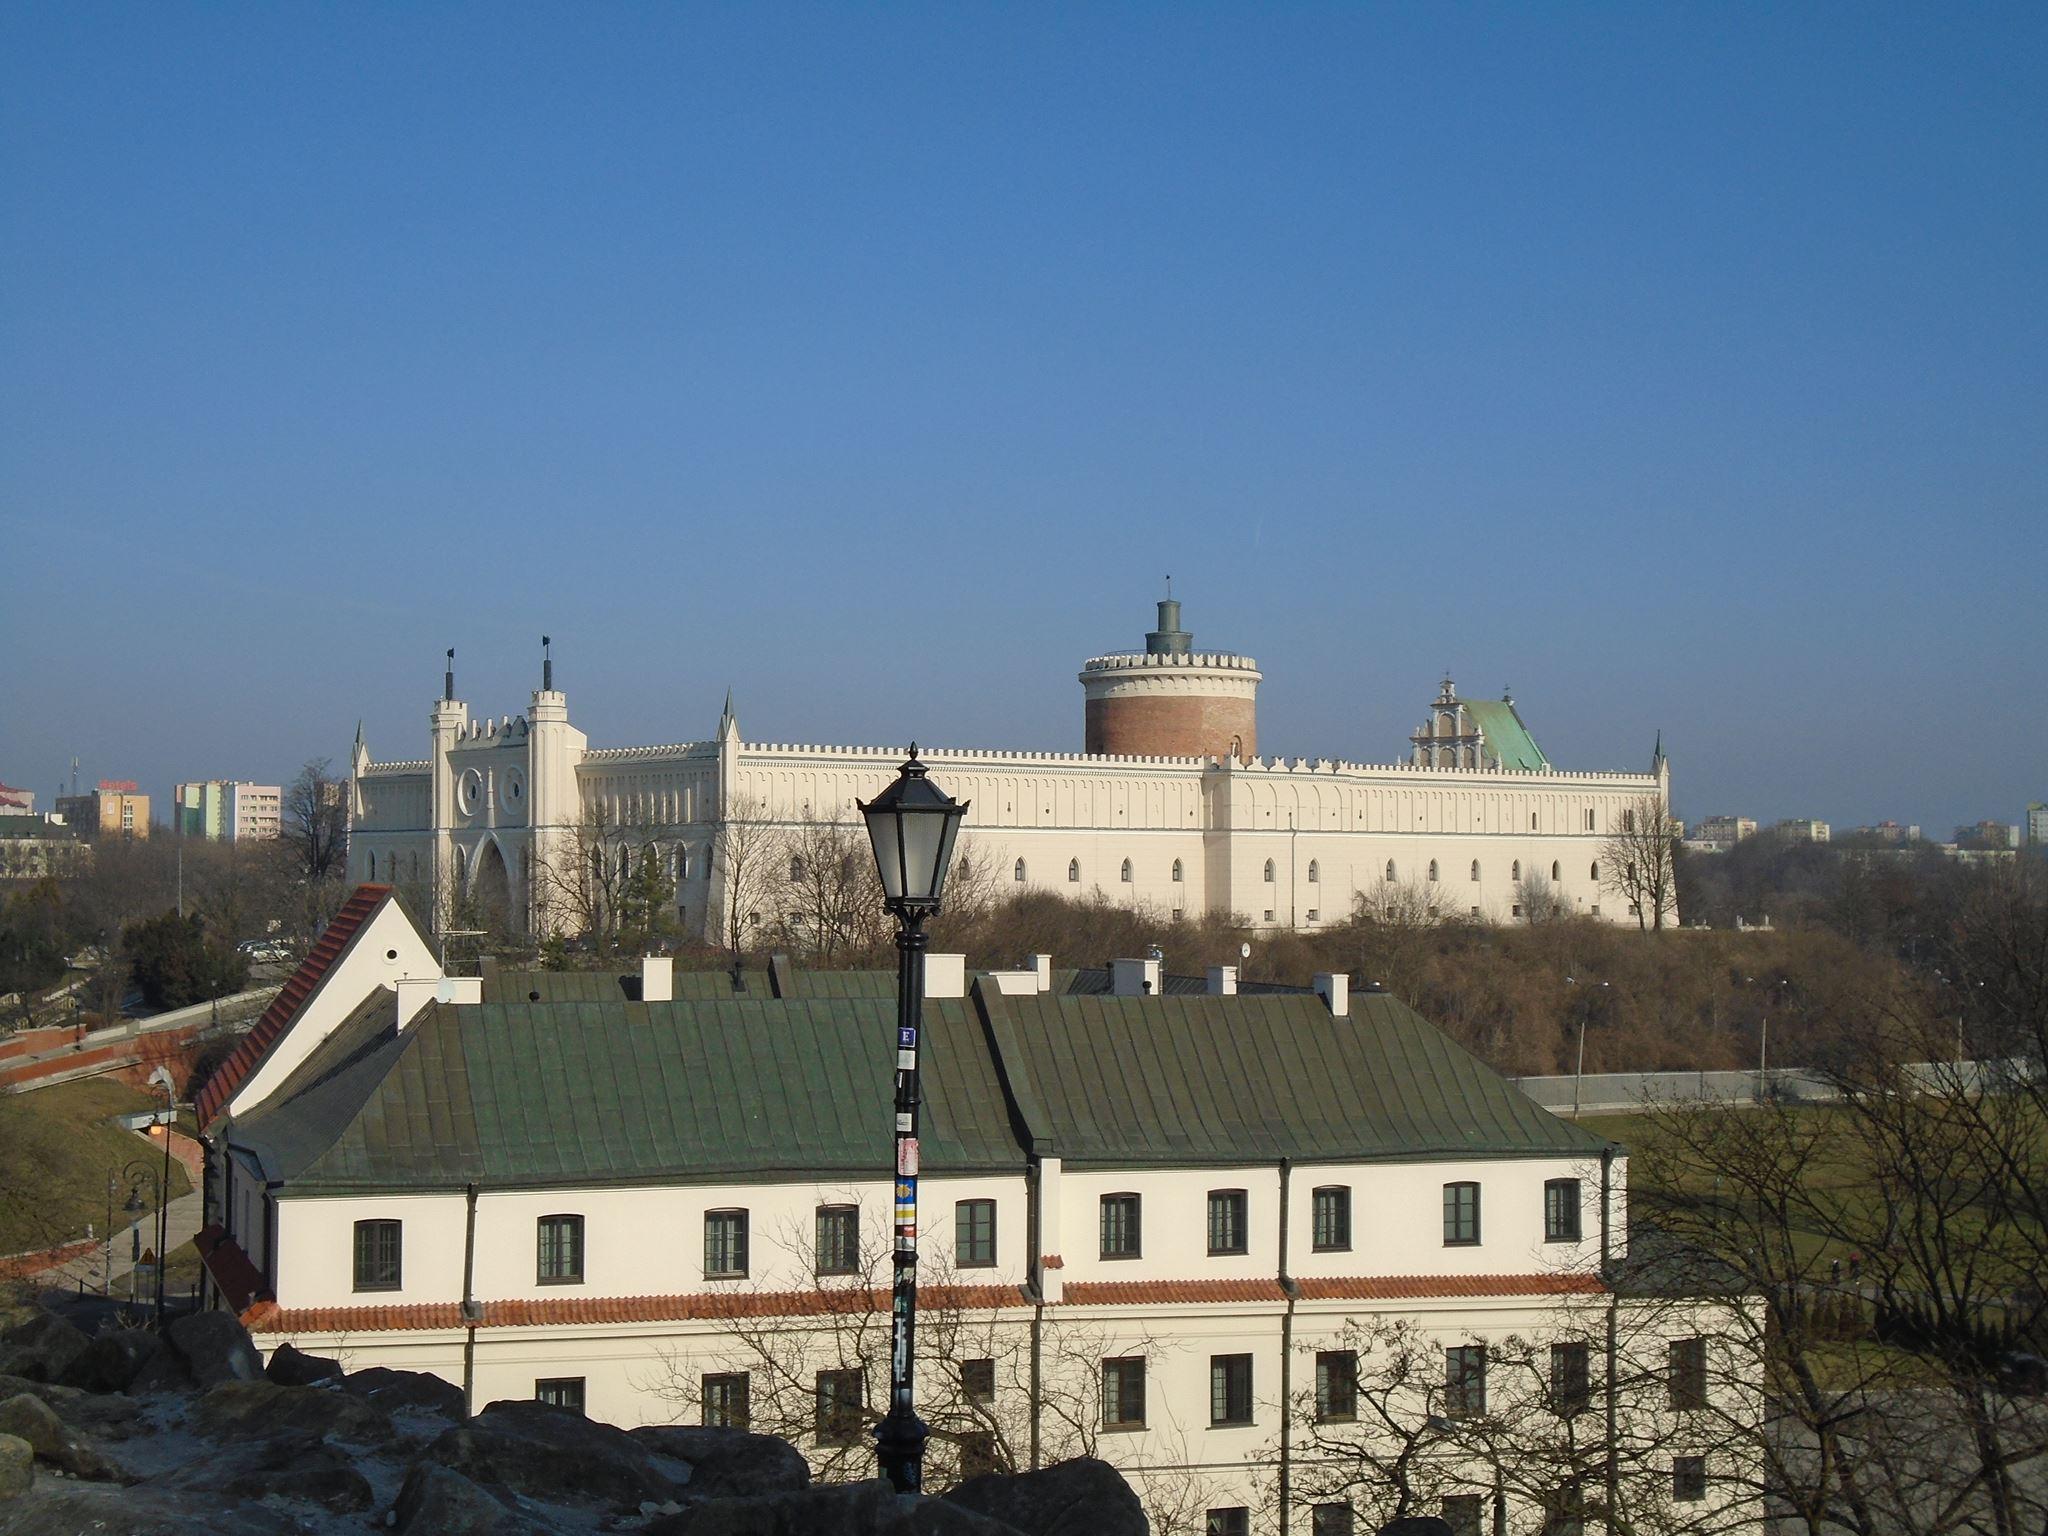 Poľsko je síce len na skok, ale i tak ponúka množstvo skvelých miest(zdroj: Majka Ambrozová).